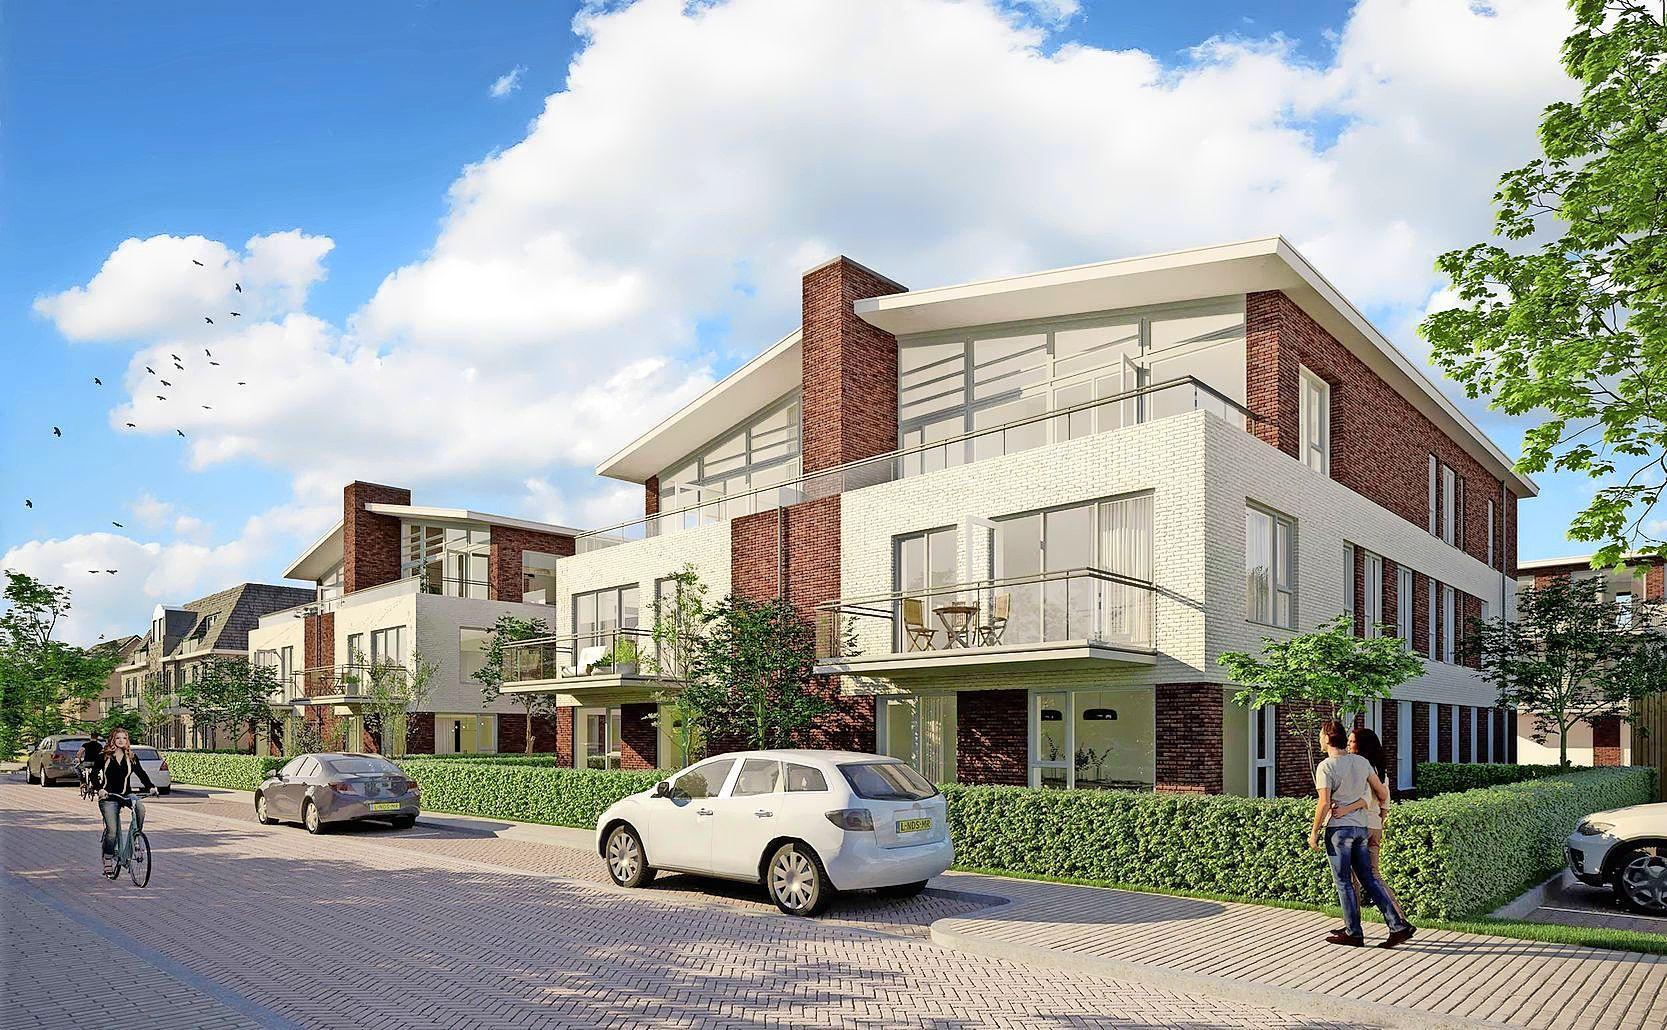 Verkoop van eerste zestien appartementen van woningbouwproject op Van Ackerterrein uitgesteld: 'Planning is niet rond'